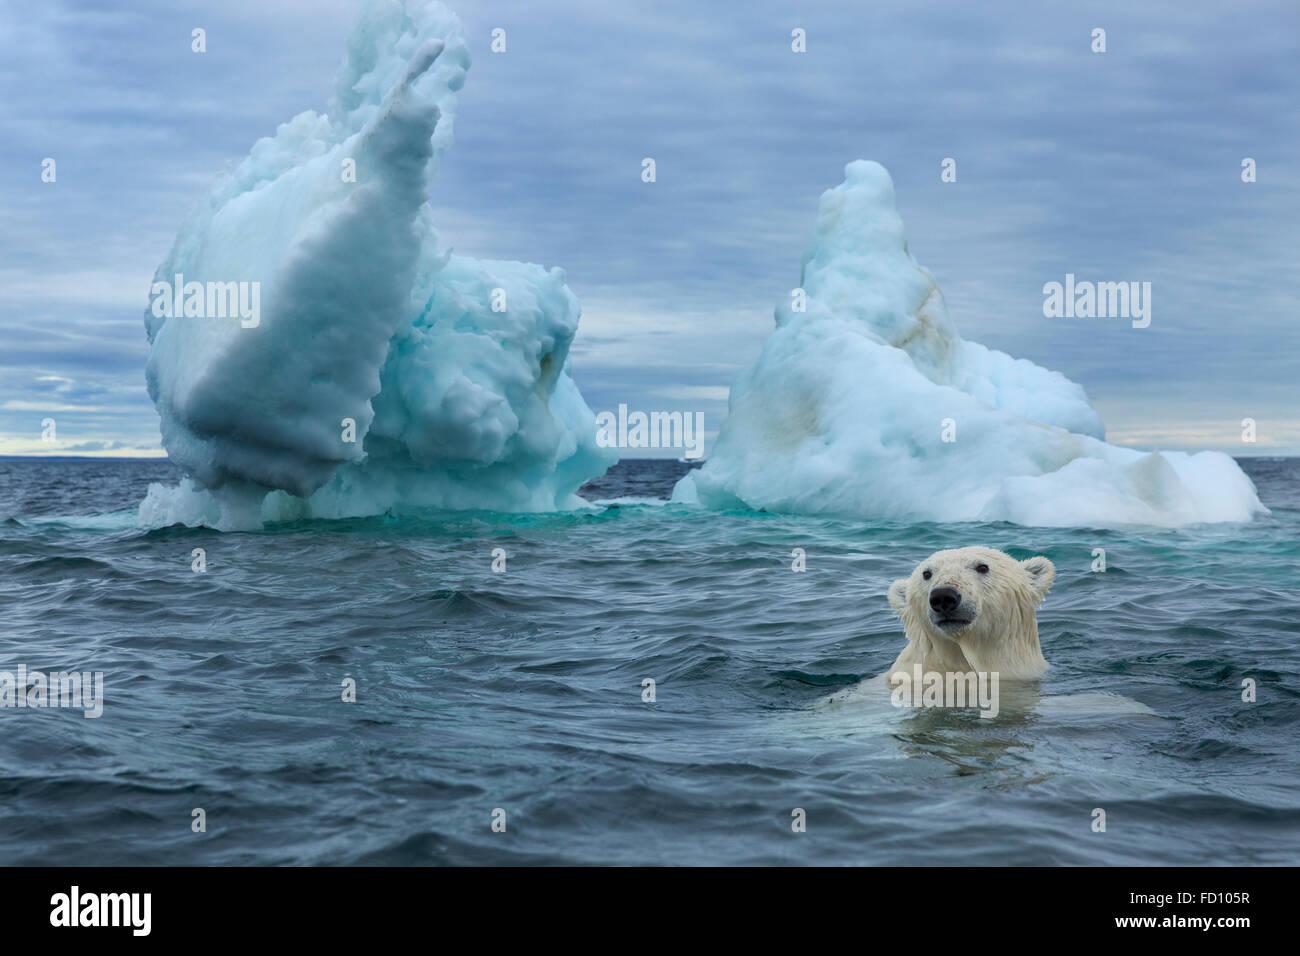 Canada, Nunavut Territorio, vista subacquea di Orso Polare (Ursus maritimus) nuotare vicino al Circolo Polare Artico Immagini Stock